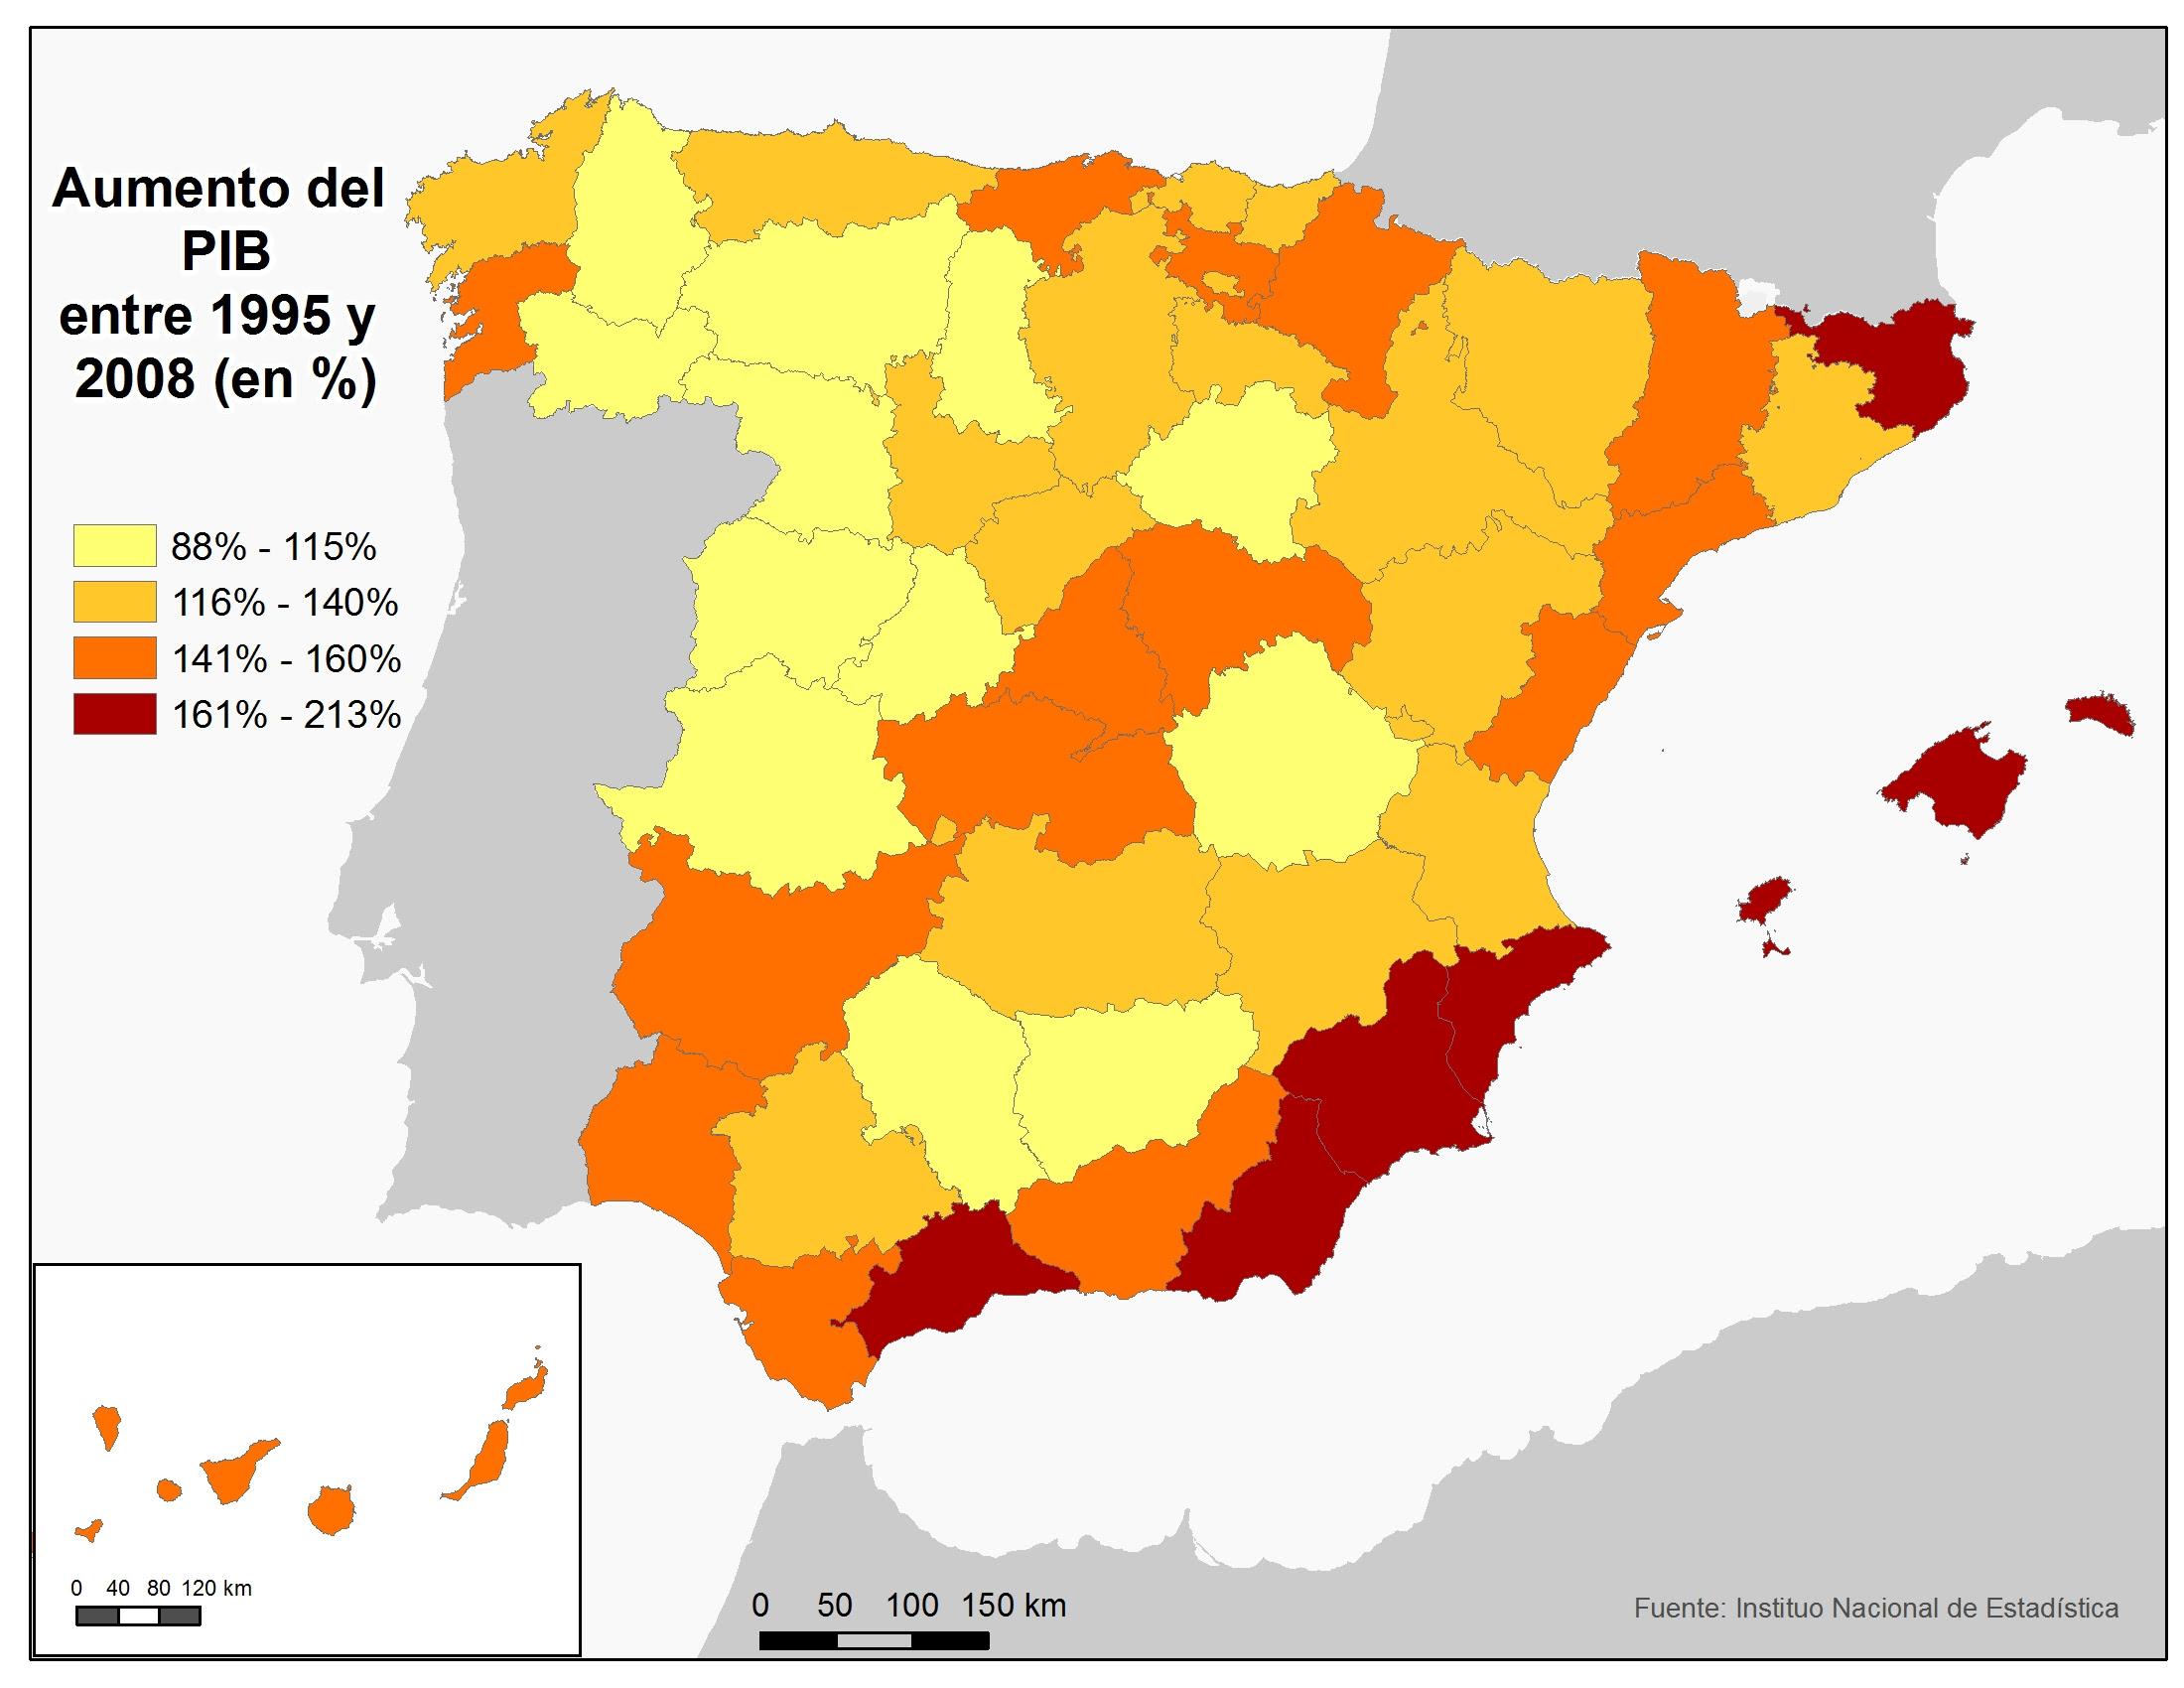 Mapa Economico De España.Mapa Economico De Espana Mapa